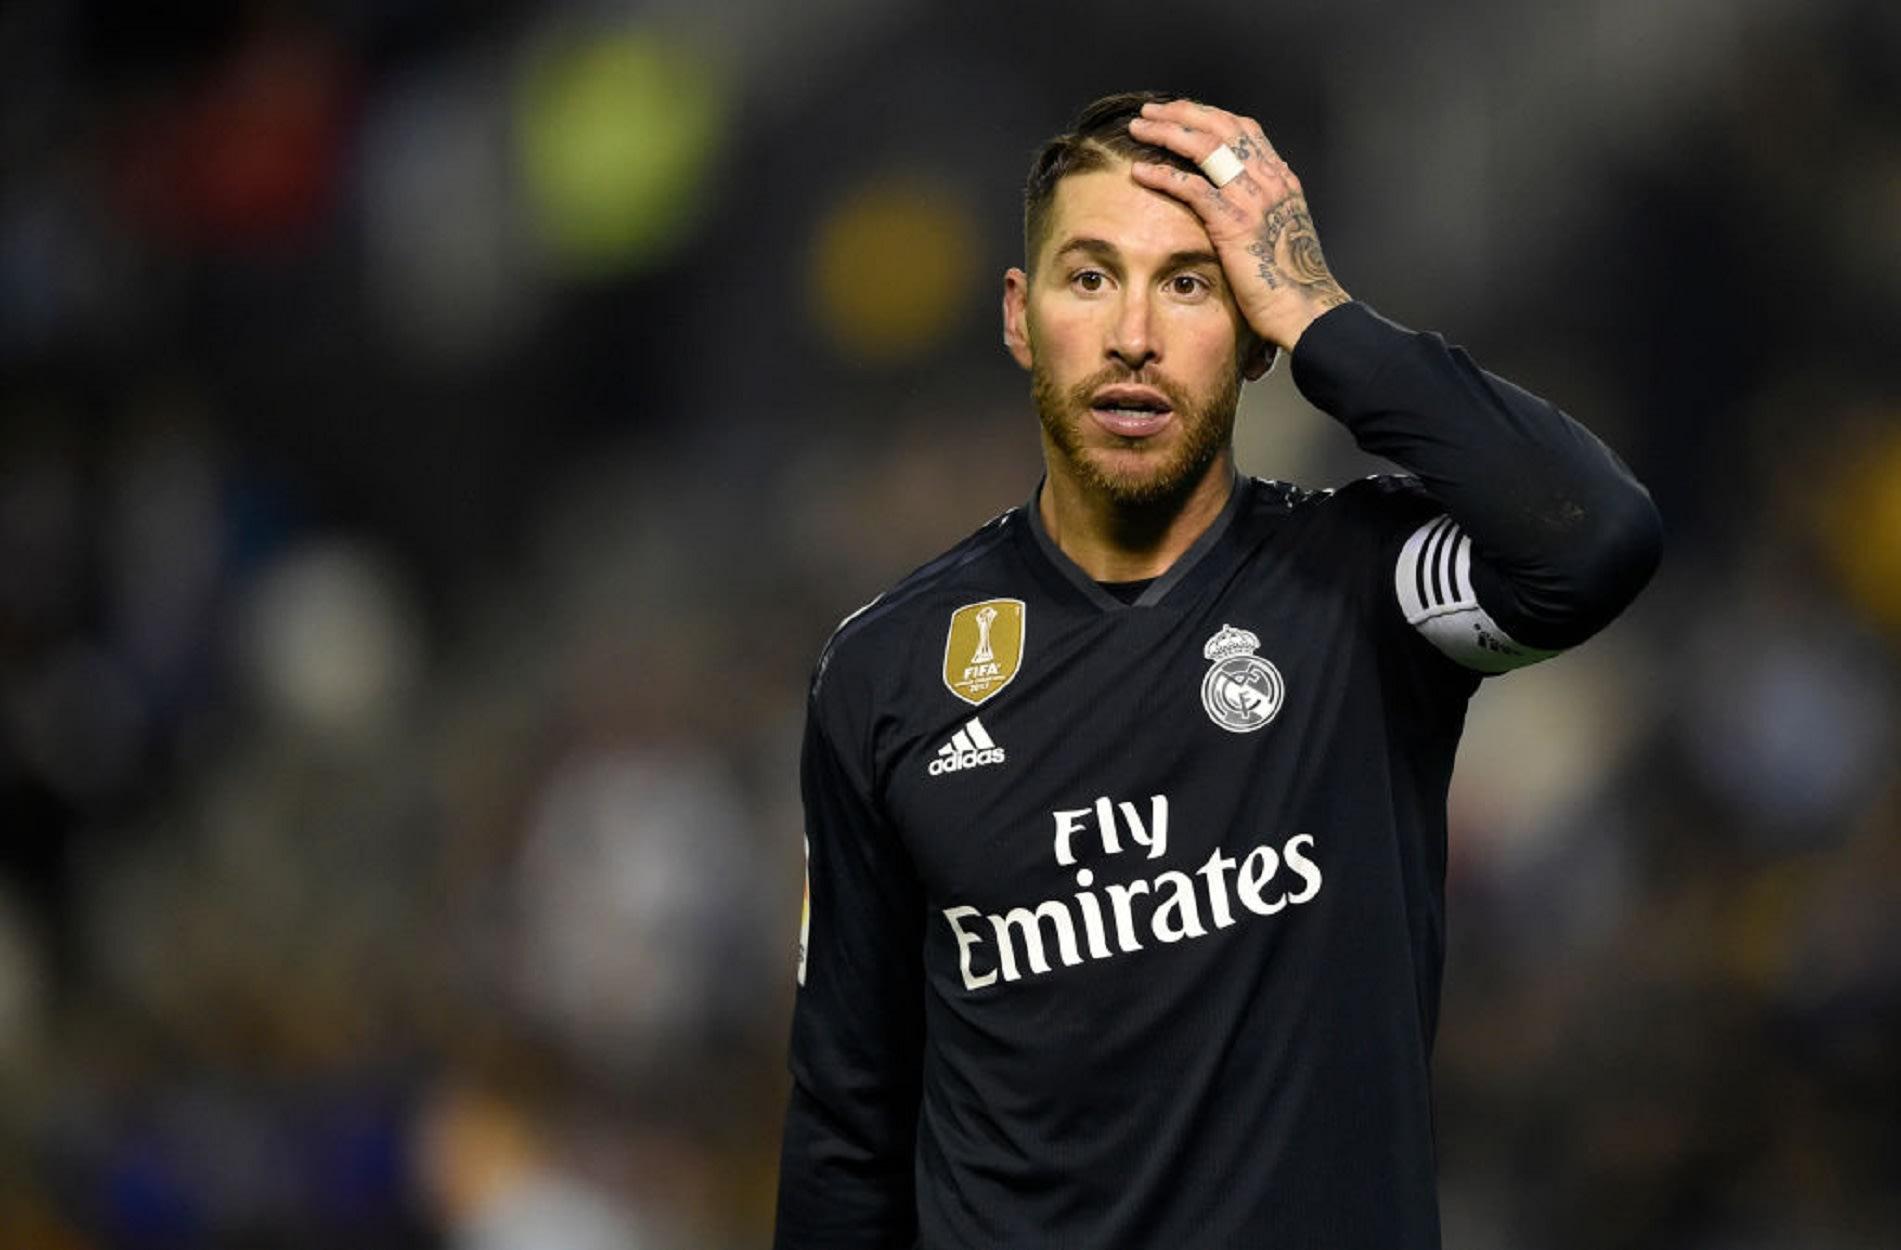 بيان من 3 نقاط لريال مدريد بشأن راموس والمنشطات